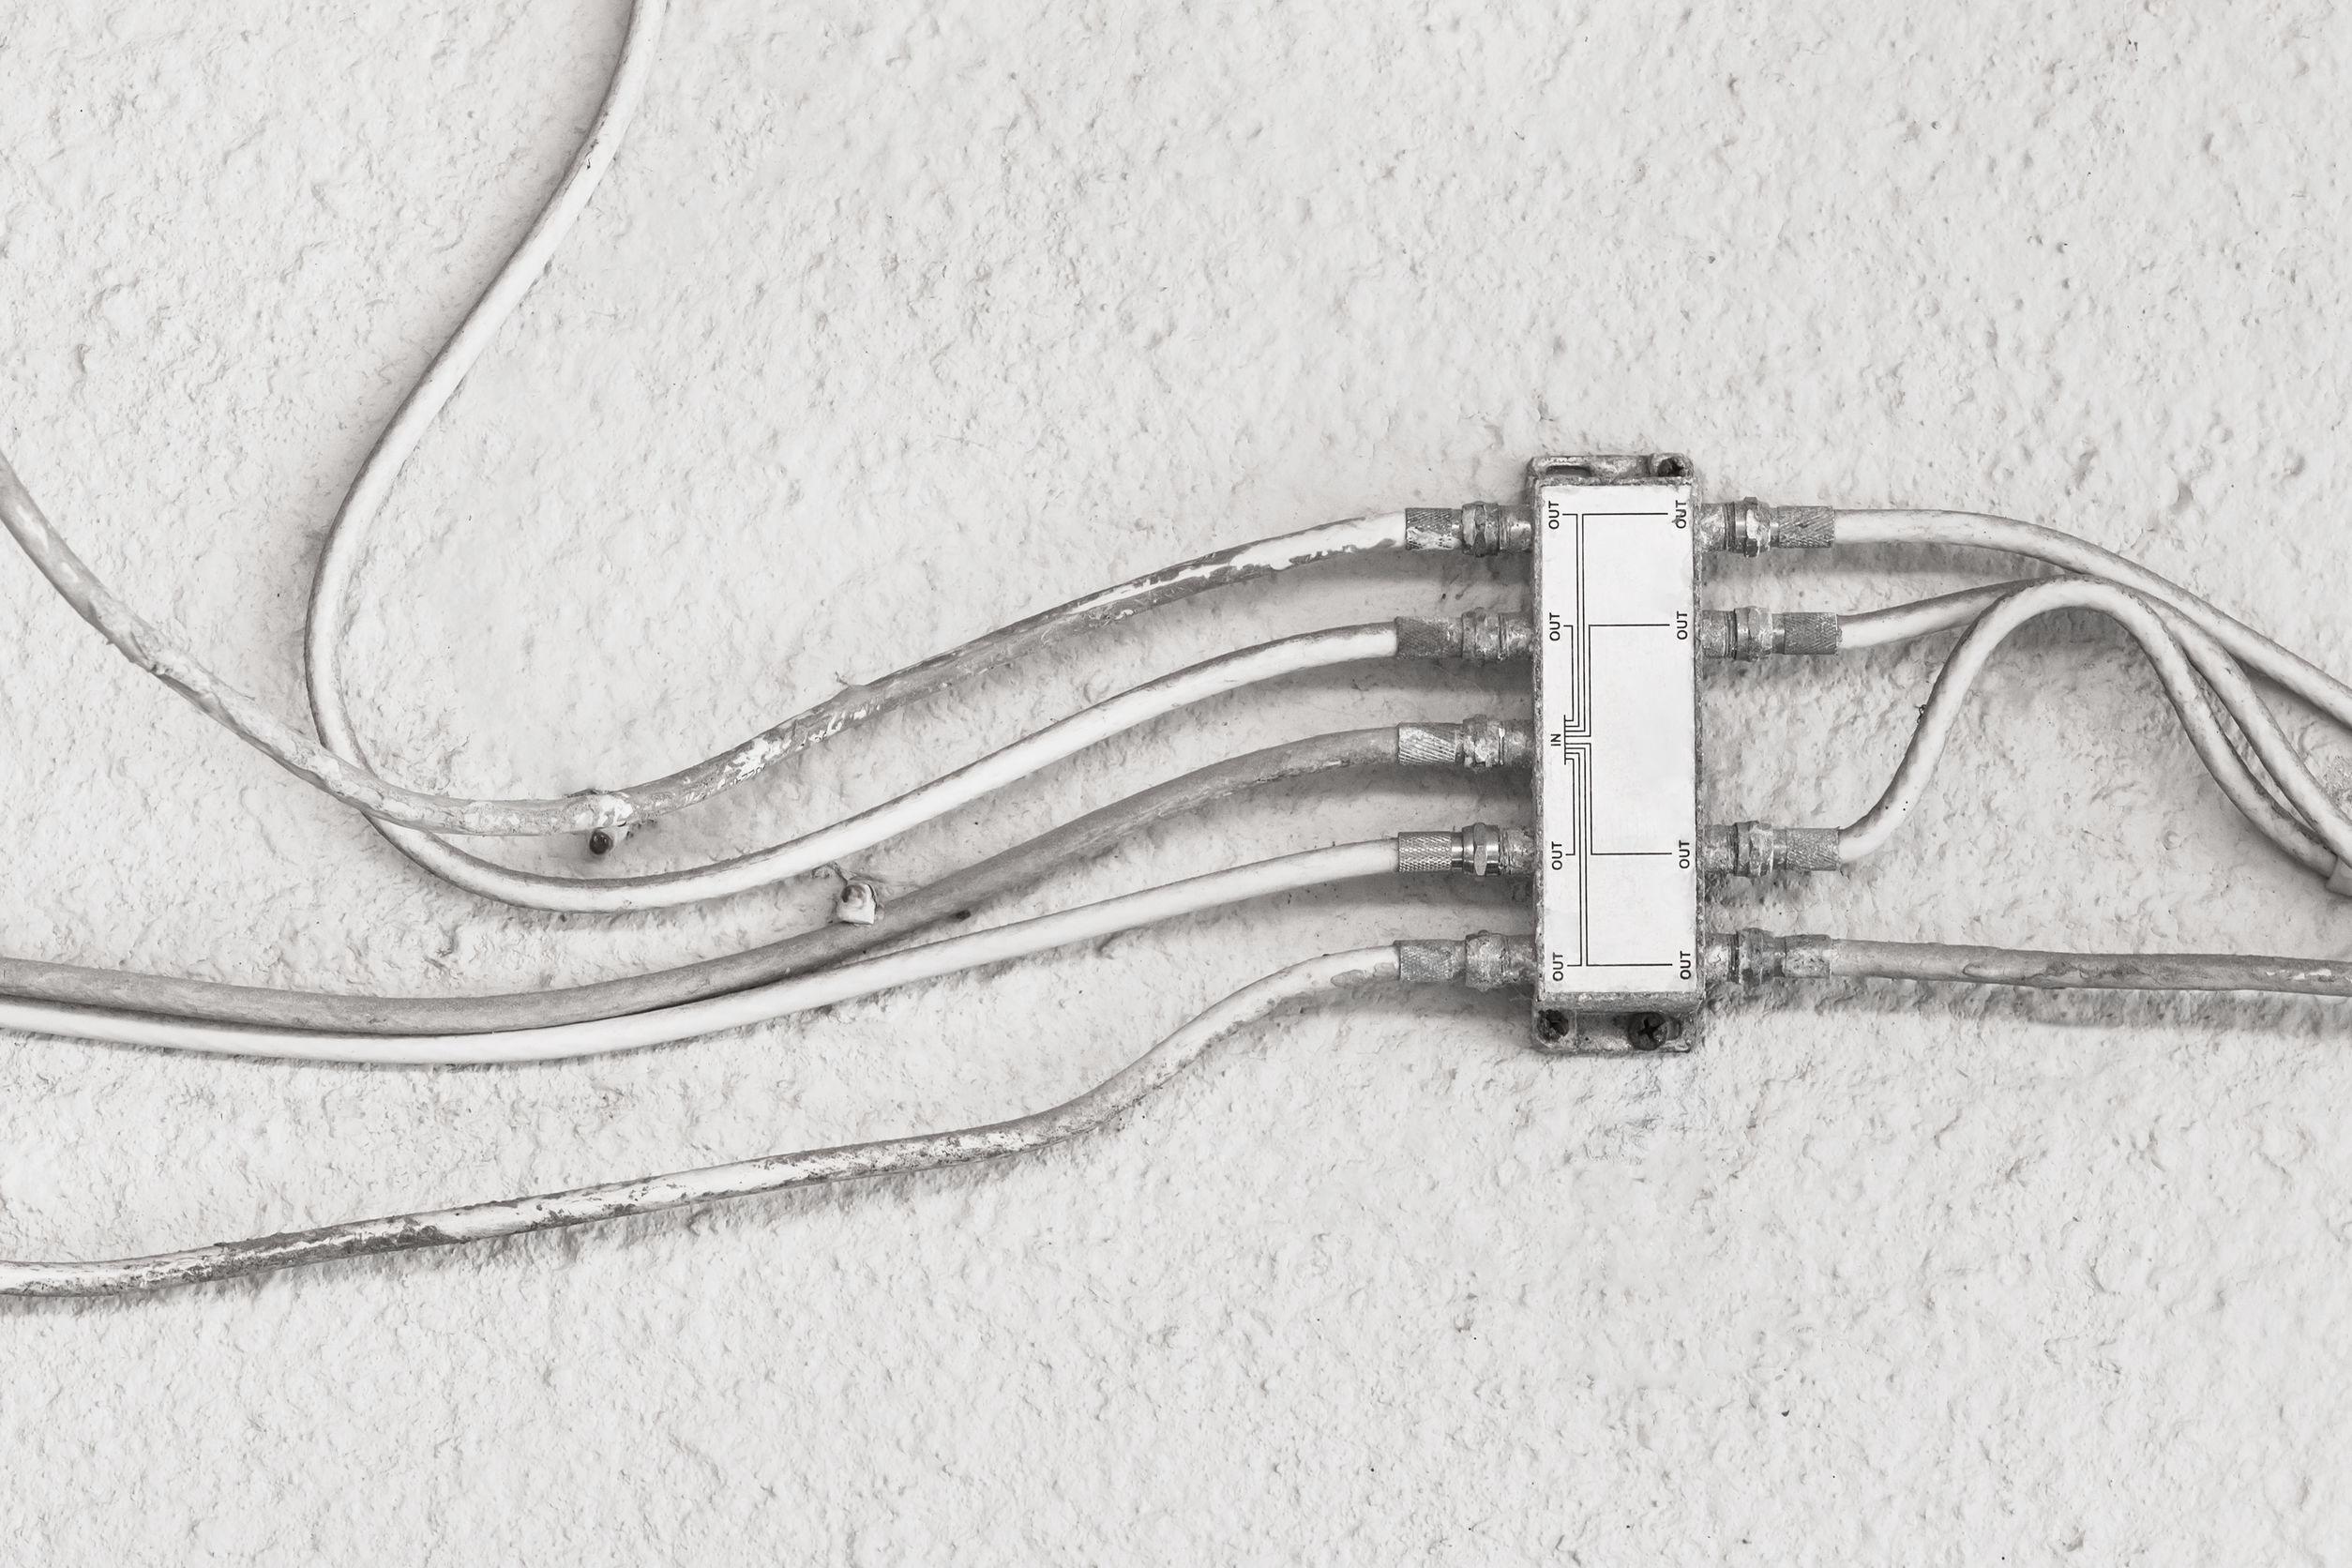 Imagem mostra um splitter em detalhe.